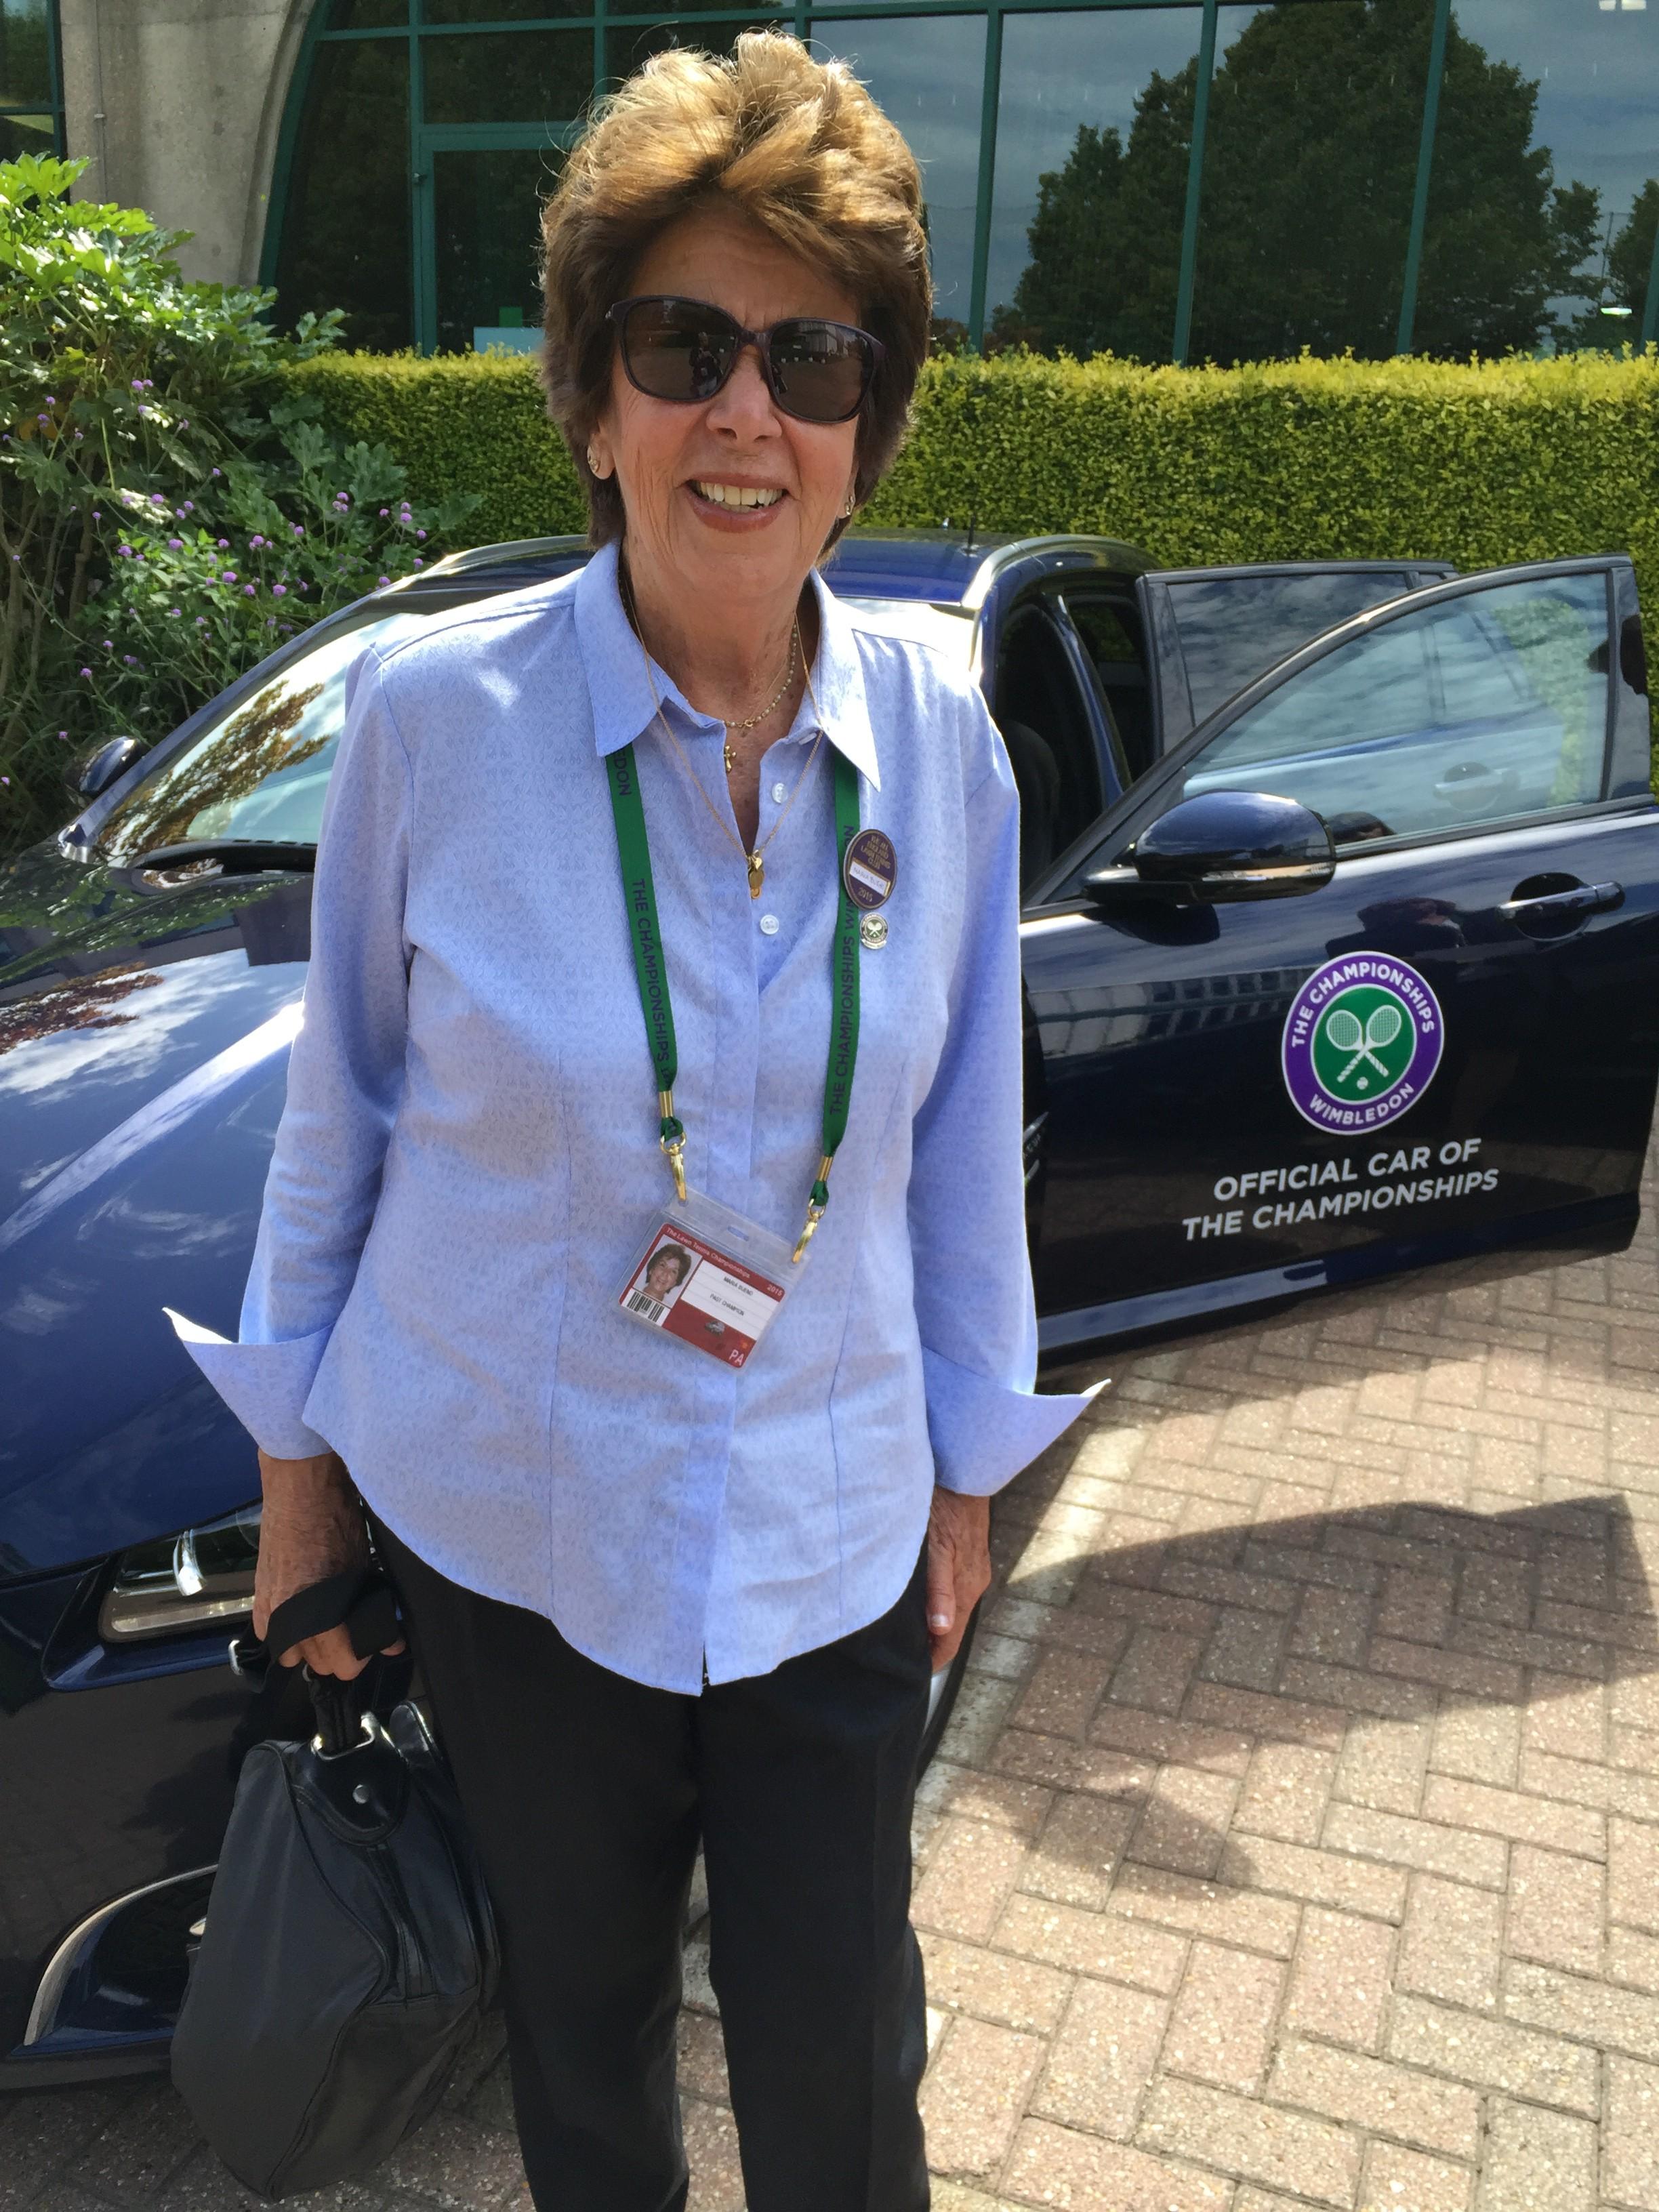 The first week of Wimbledon